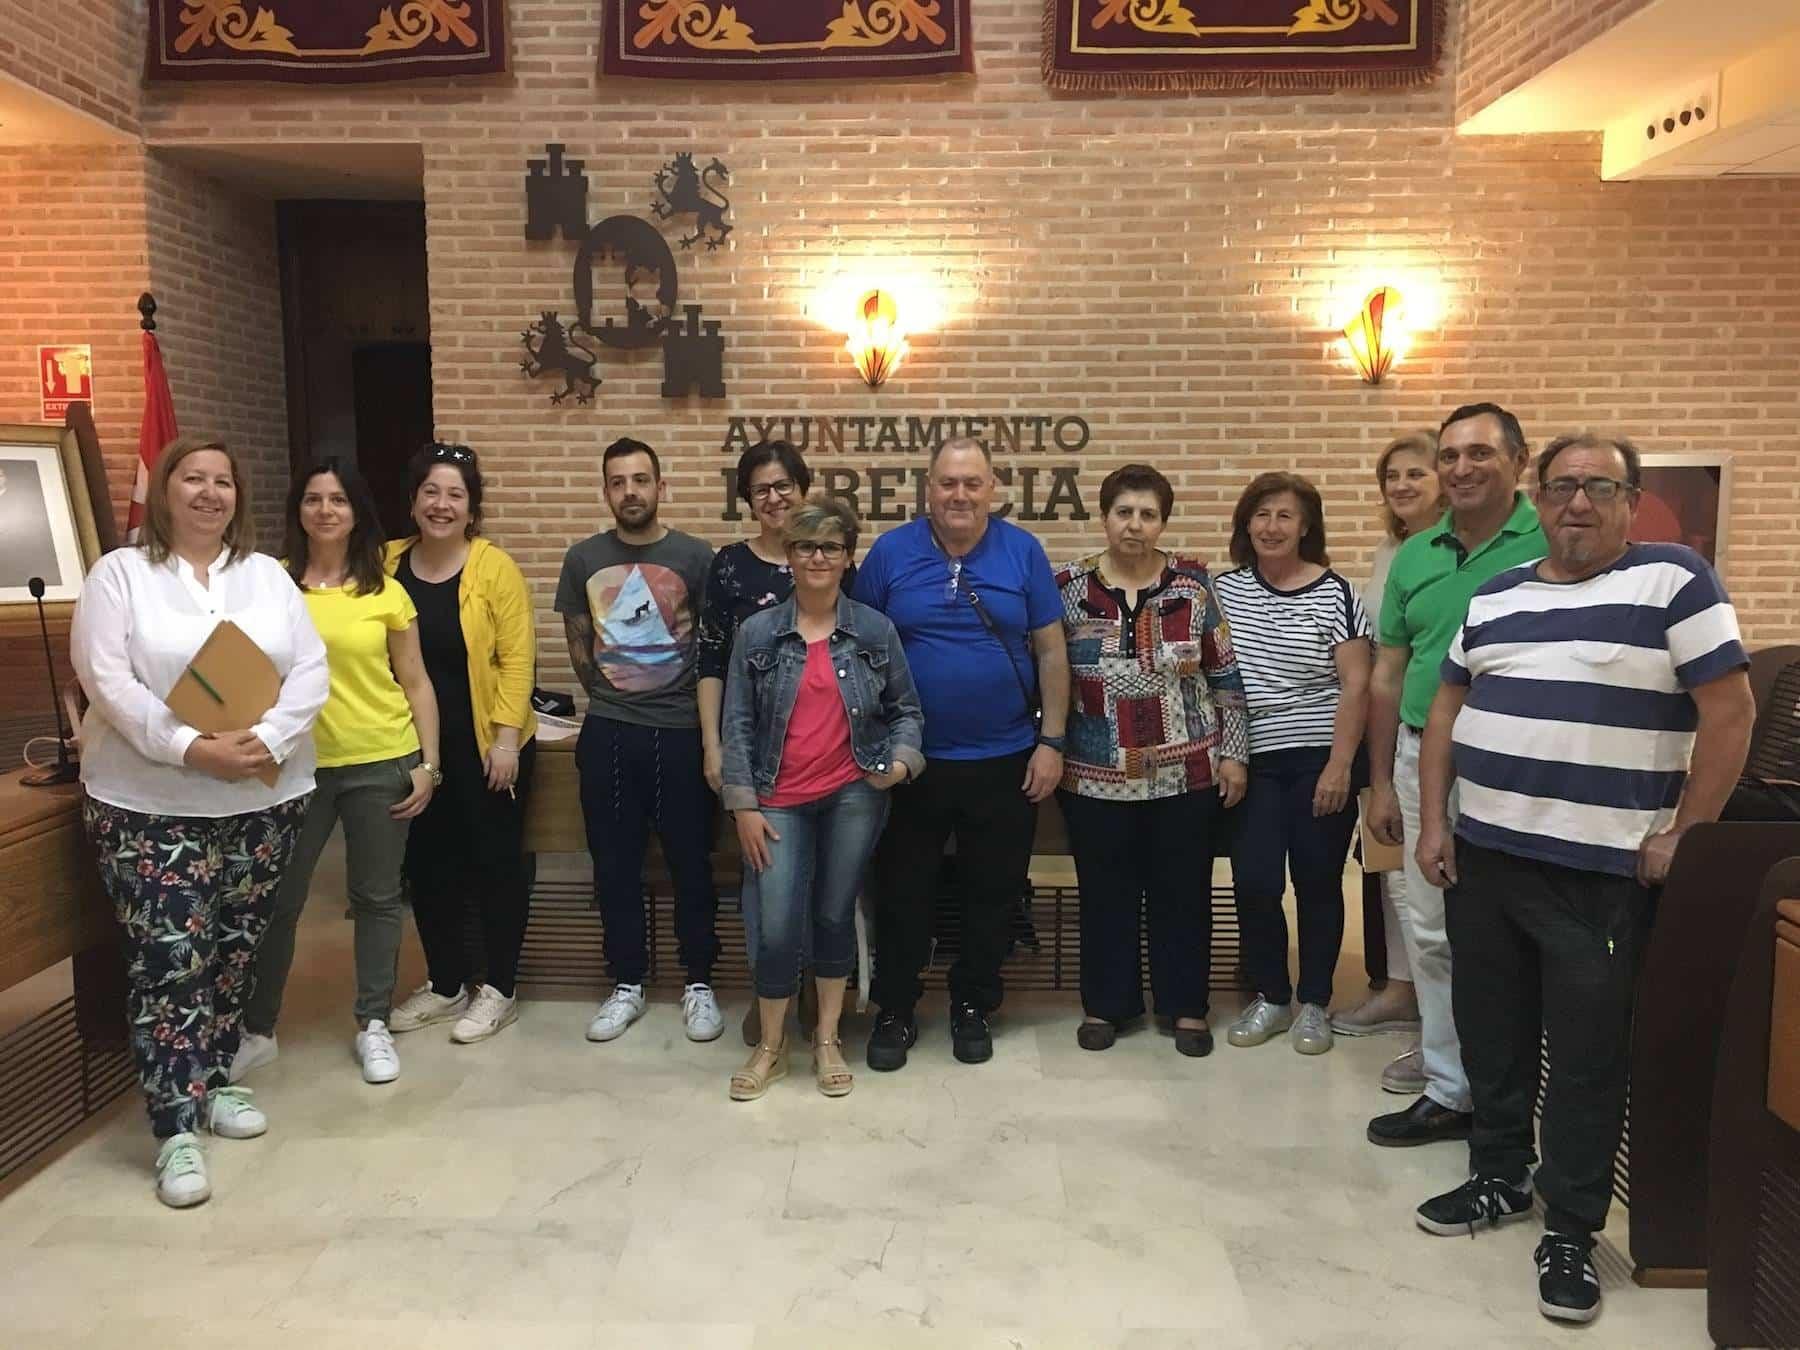 pleno vecinal herencia presenta propuestas - Más de 20 propuestas discutidas en el último pleno vecinal de Herencia